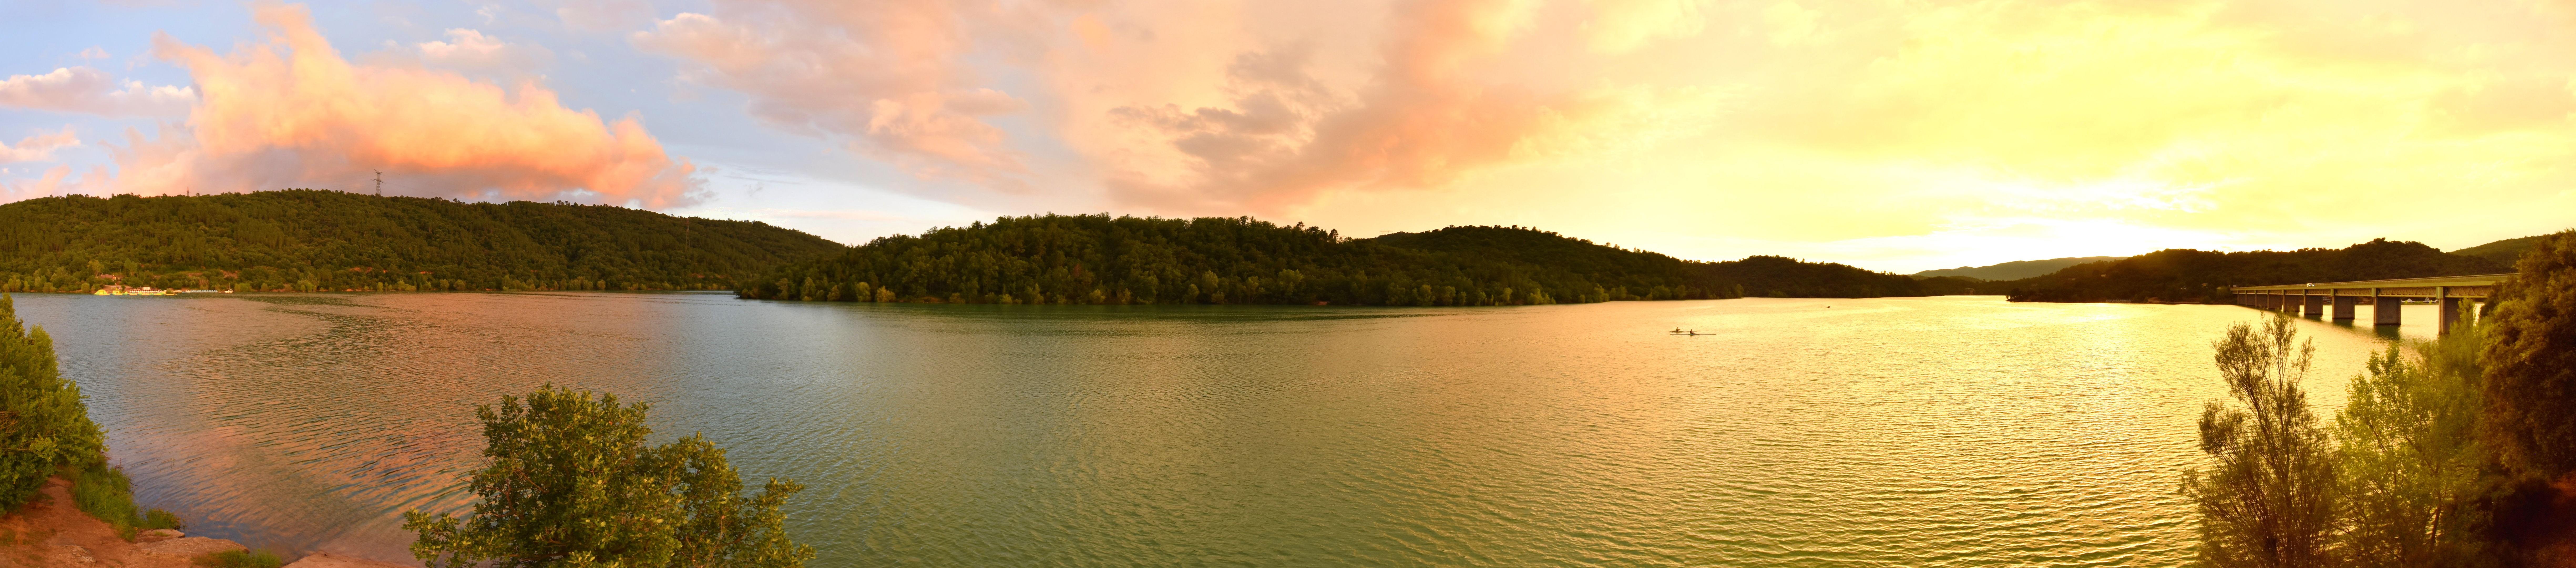 Coucher de soleil sur le lac de Saint-Cassien